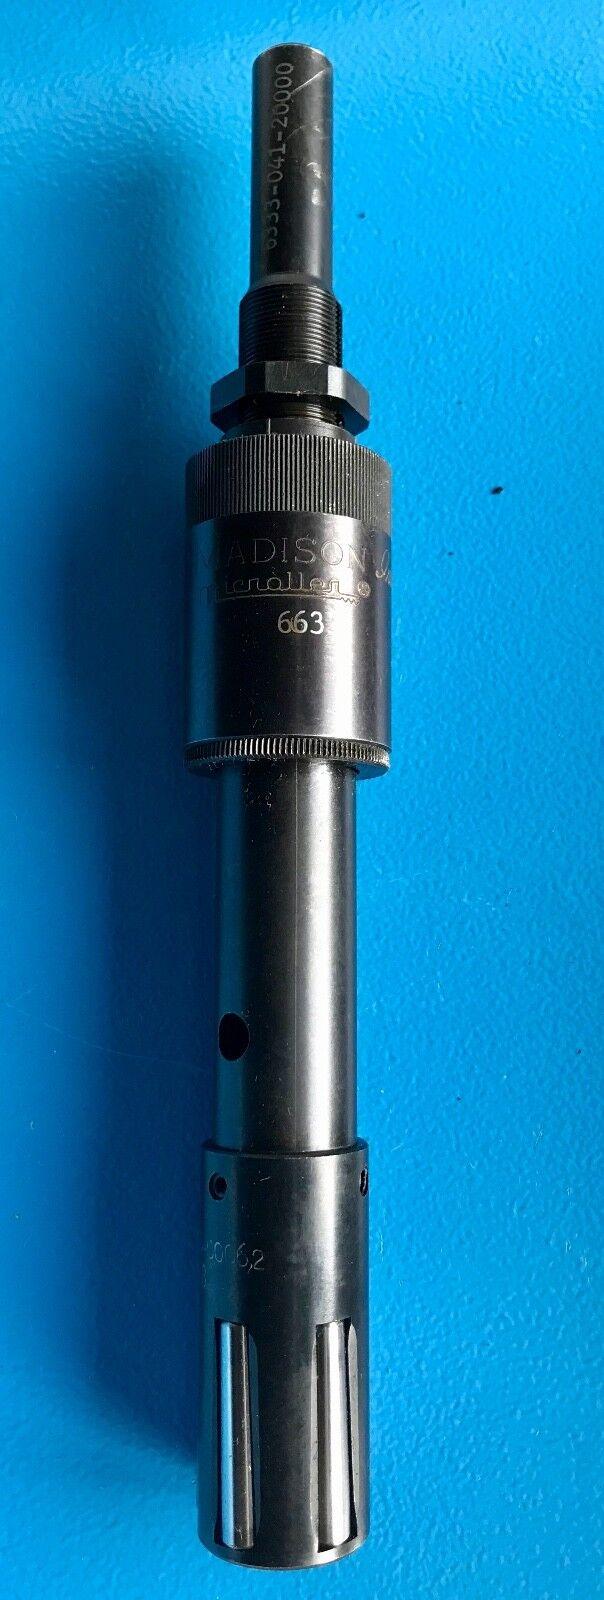 Madison x Industries 1 x Madison 6633 tipo. nº: 6333-041-20000 usados 095c59